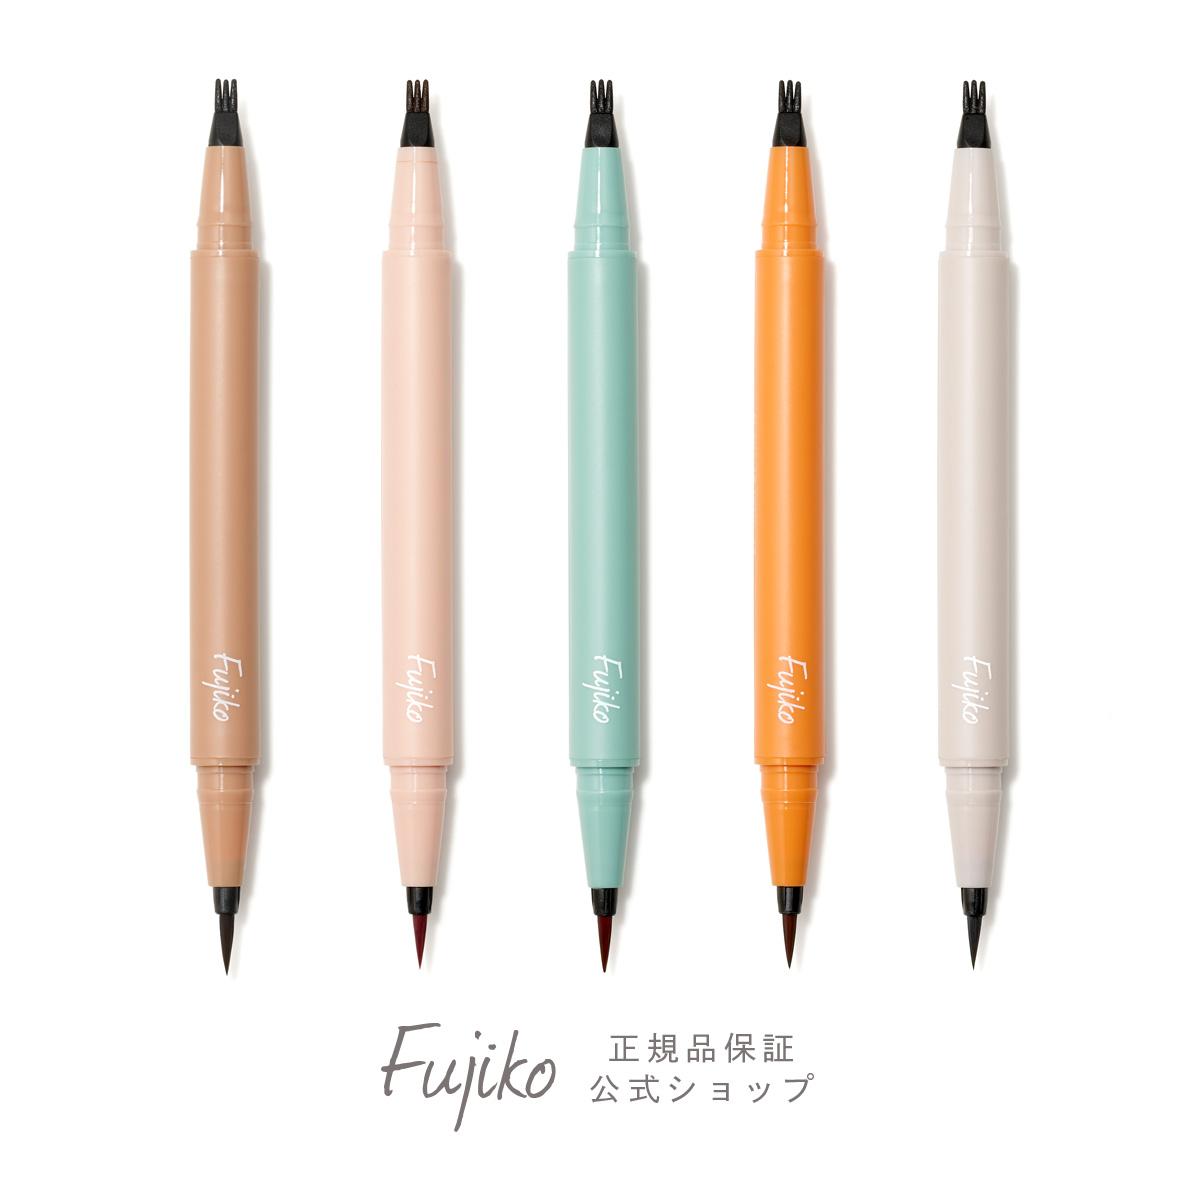 にじまず描きやすい。抜け感あるデカ目をつくる。 [新商品]【Fujiko公式】フジコ仕込みアイライナー ドットライナー カラーライナー リキッドアイライナー ウォータープルーフ スマッジプルーフ フジコ